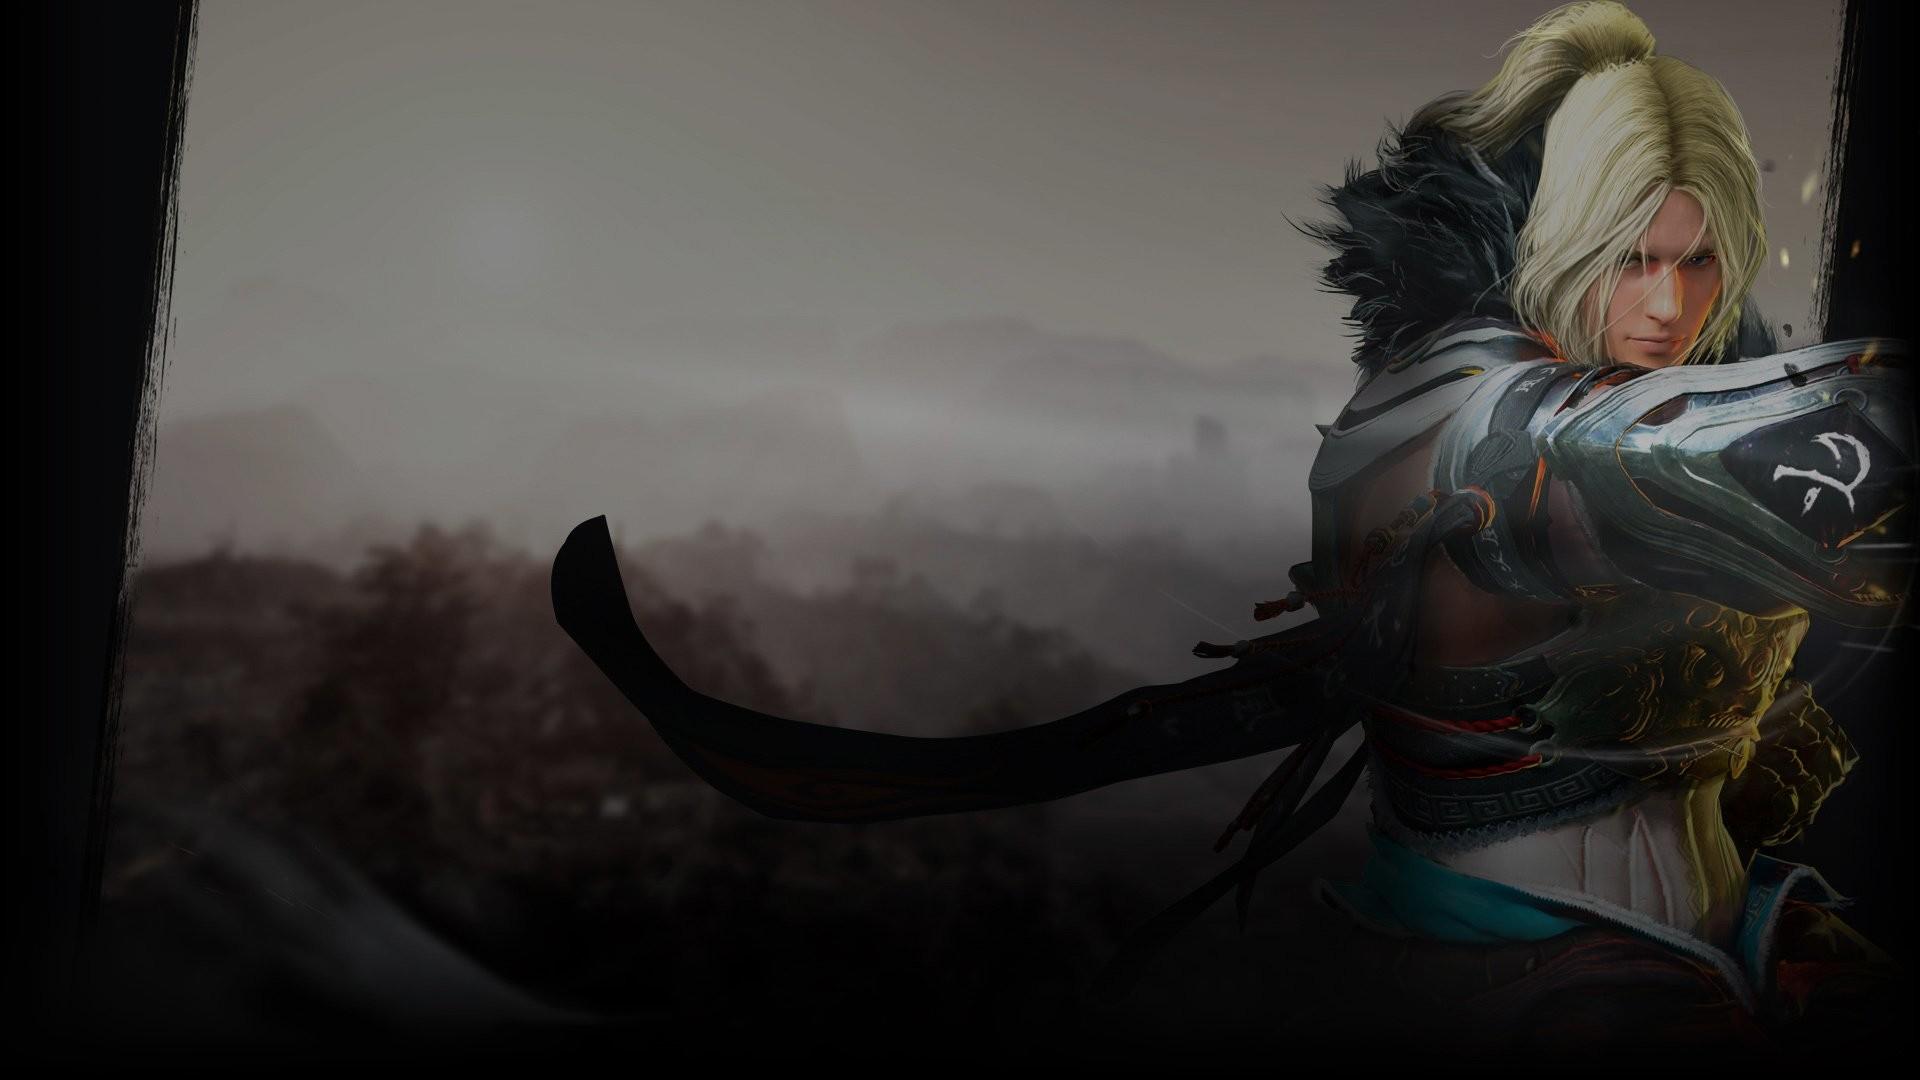 Video Game – Black Desert Online Striker (Black Desert Online) Wallpaper